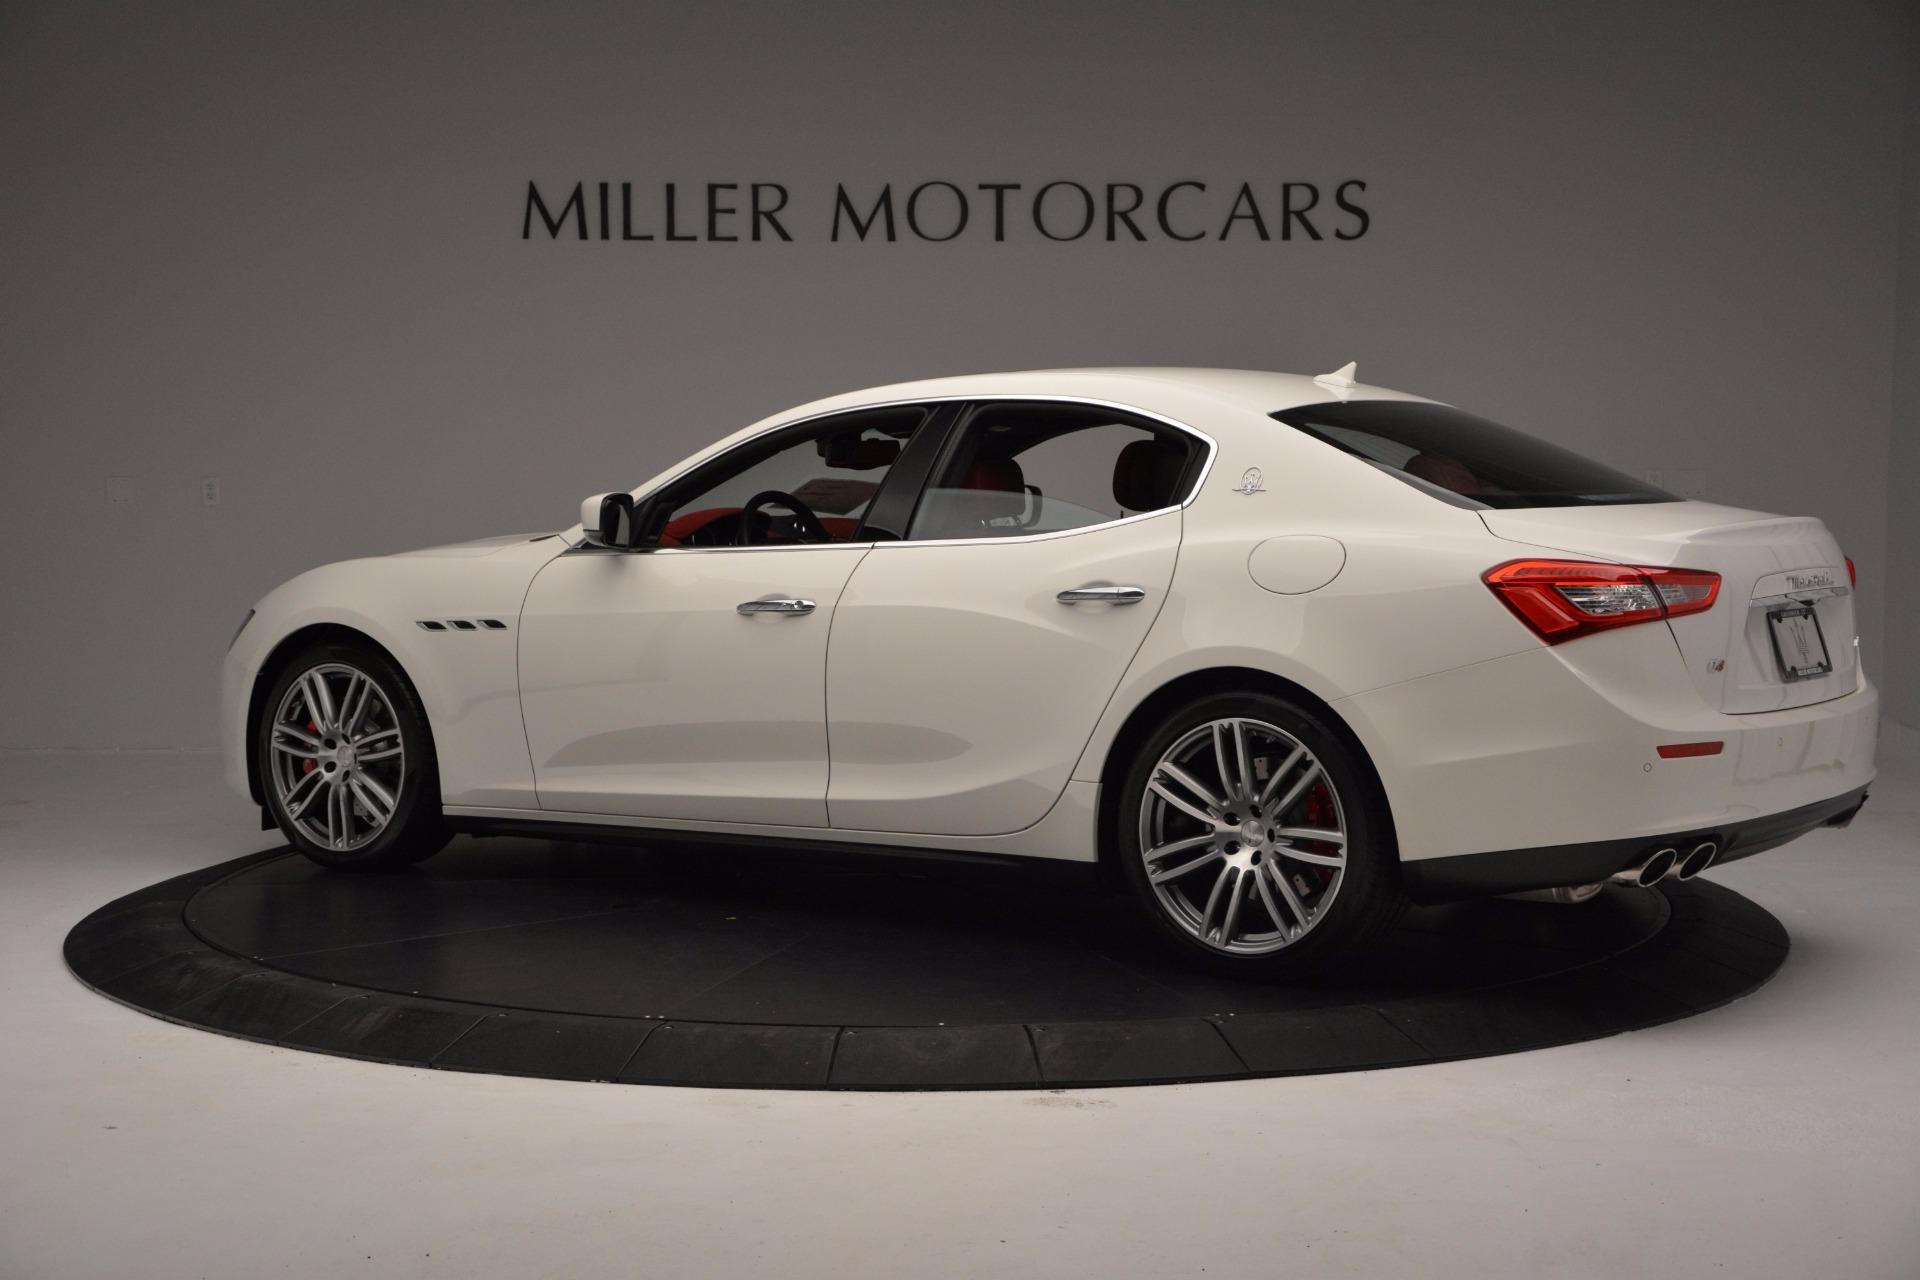 New 2017 Maserati Ghibli SQ4 For Sale In Greenwich, CT 962_p4